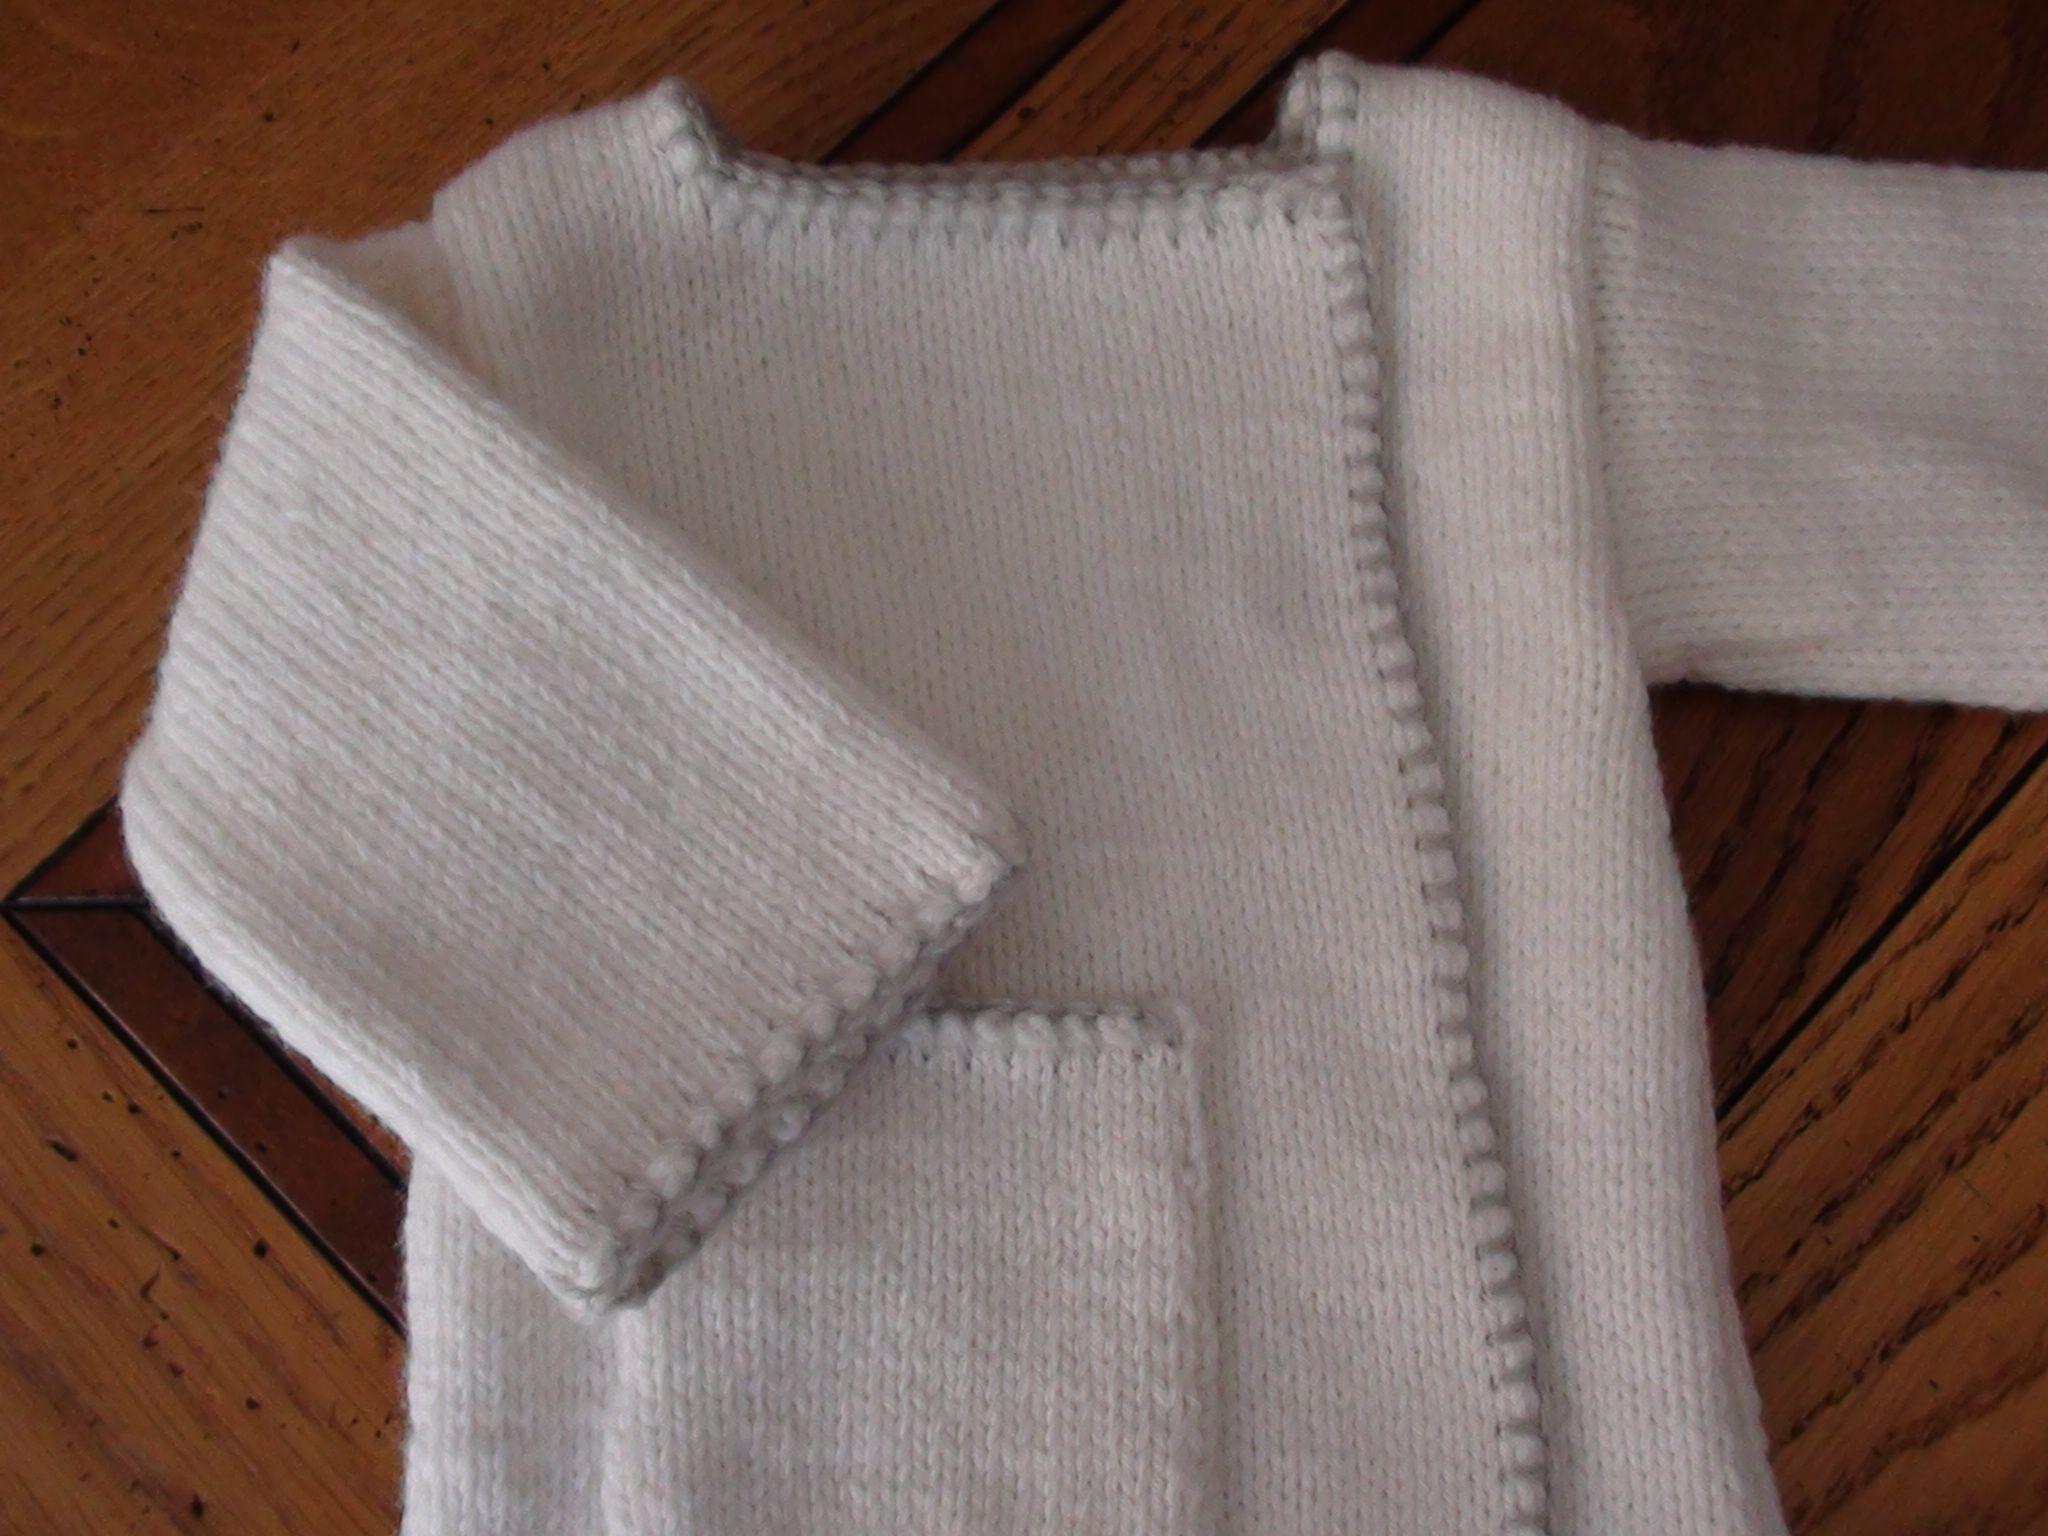 Brassière au tricot